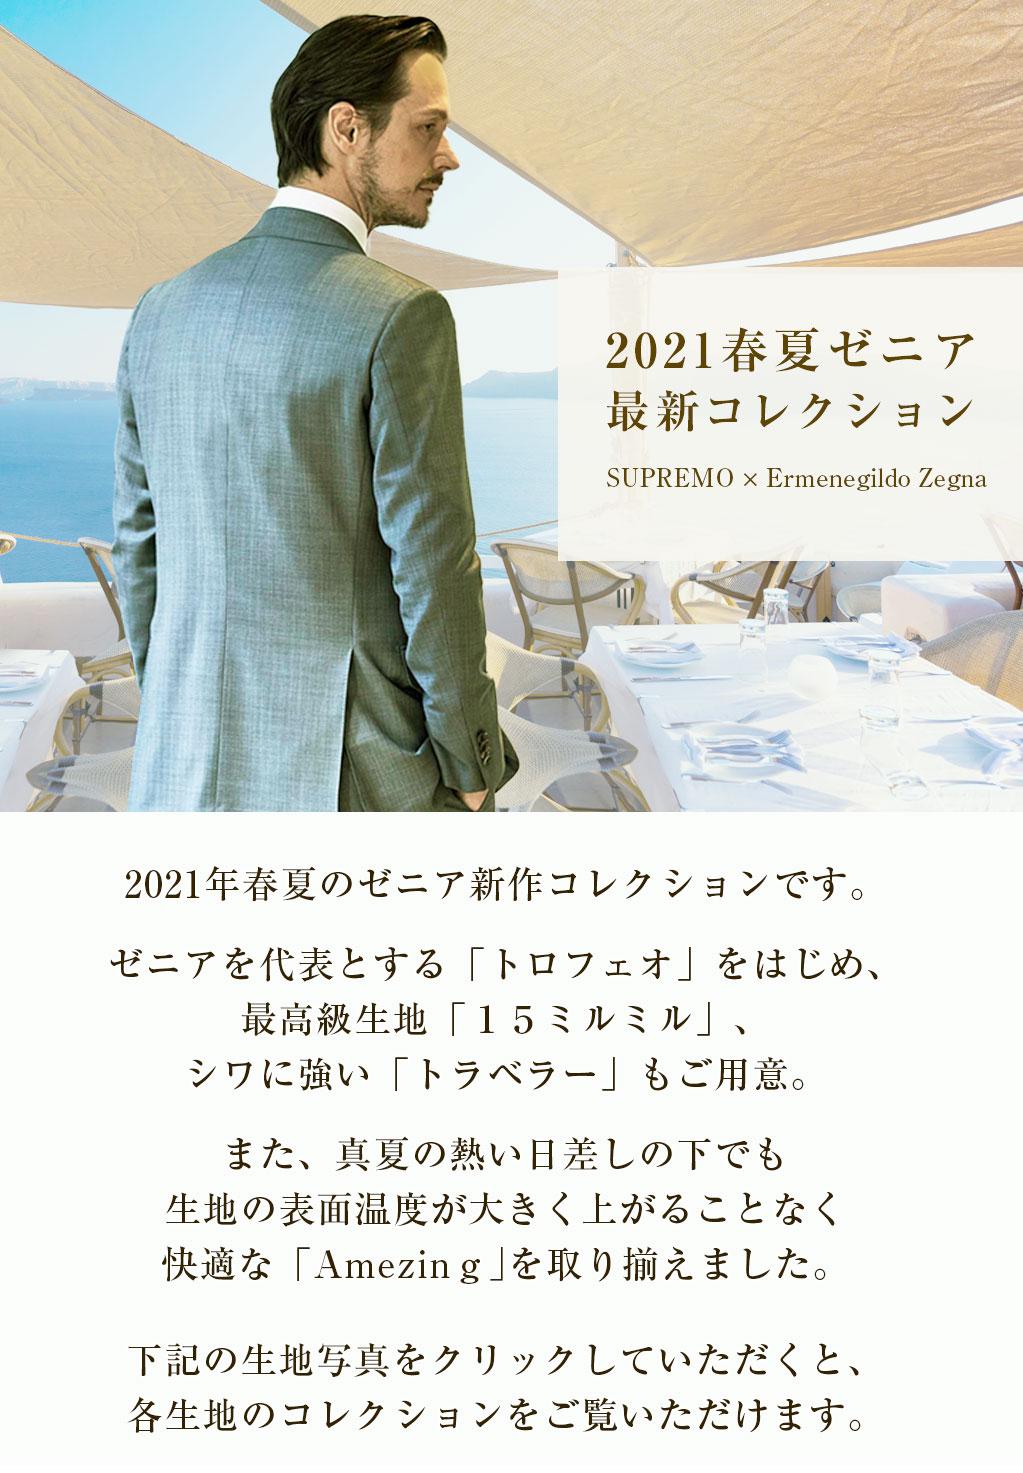 スプレーモ銀座のエルメネジルド・ゼニア最新2021春夏コレクション スマホ版